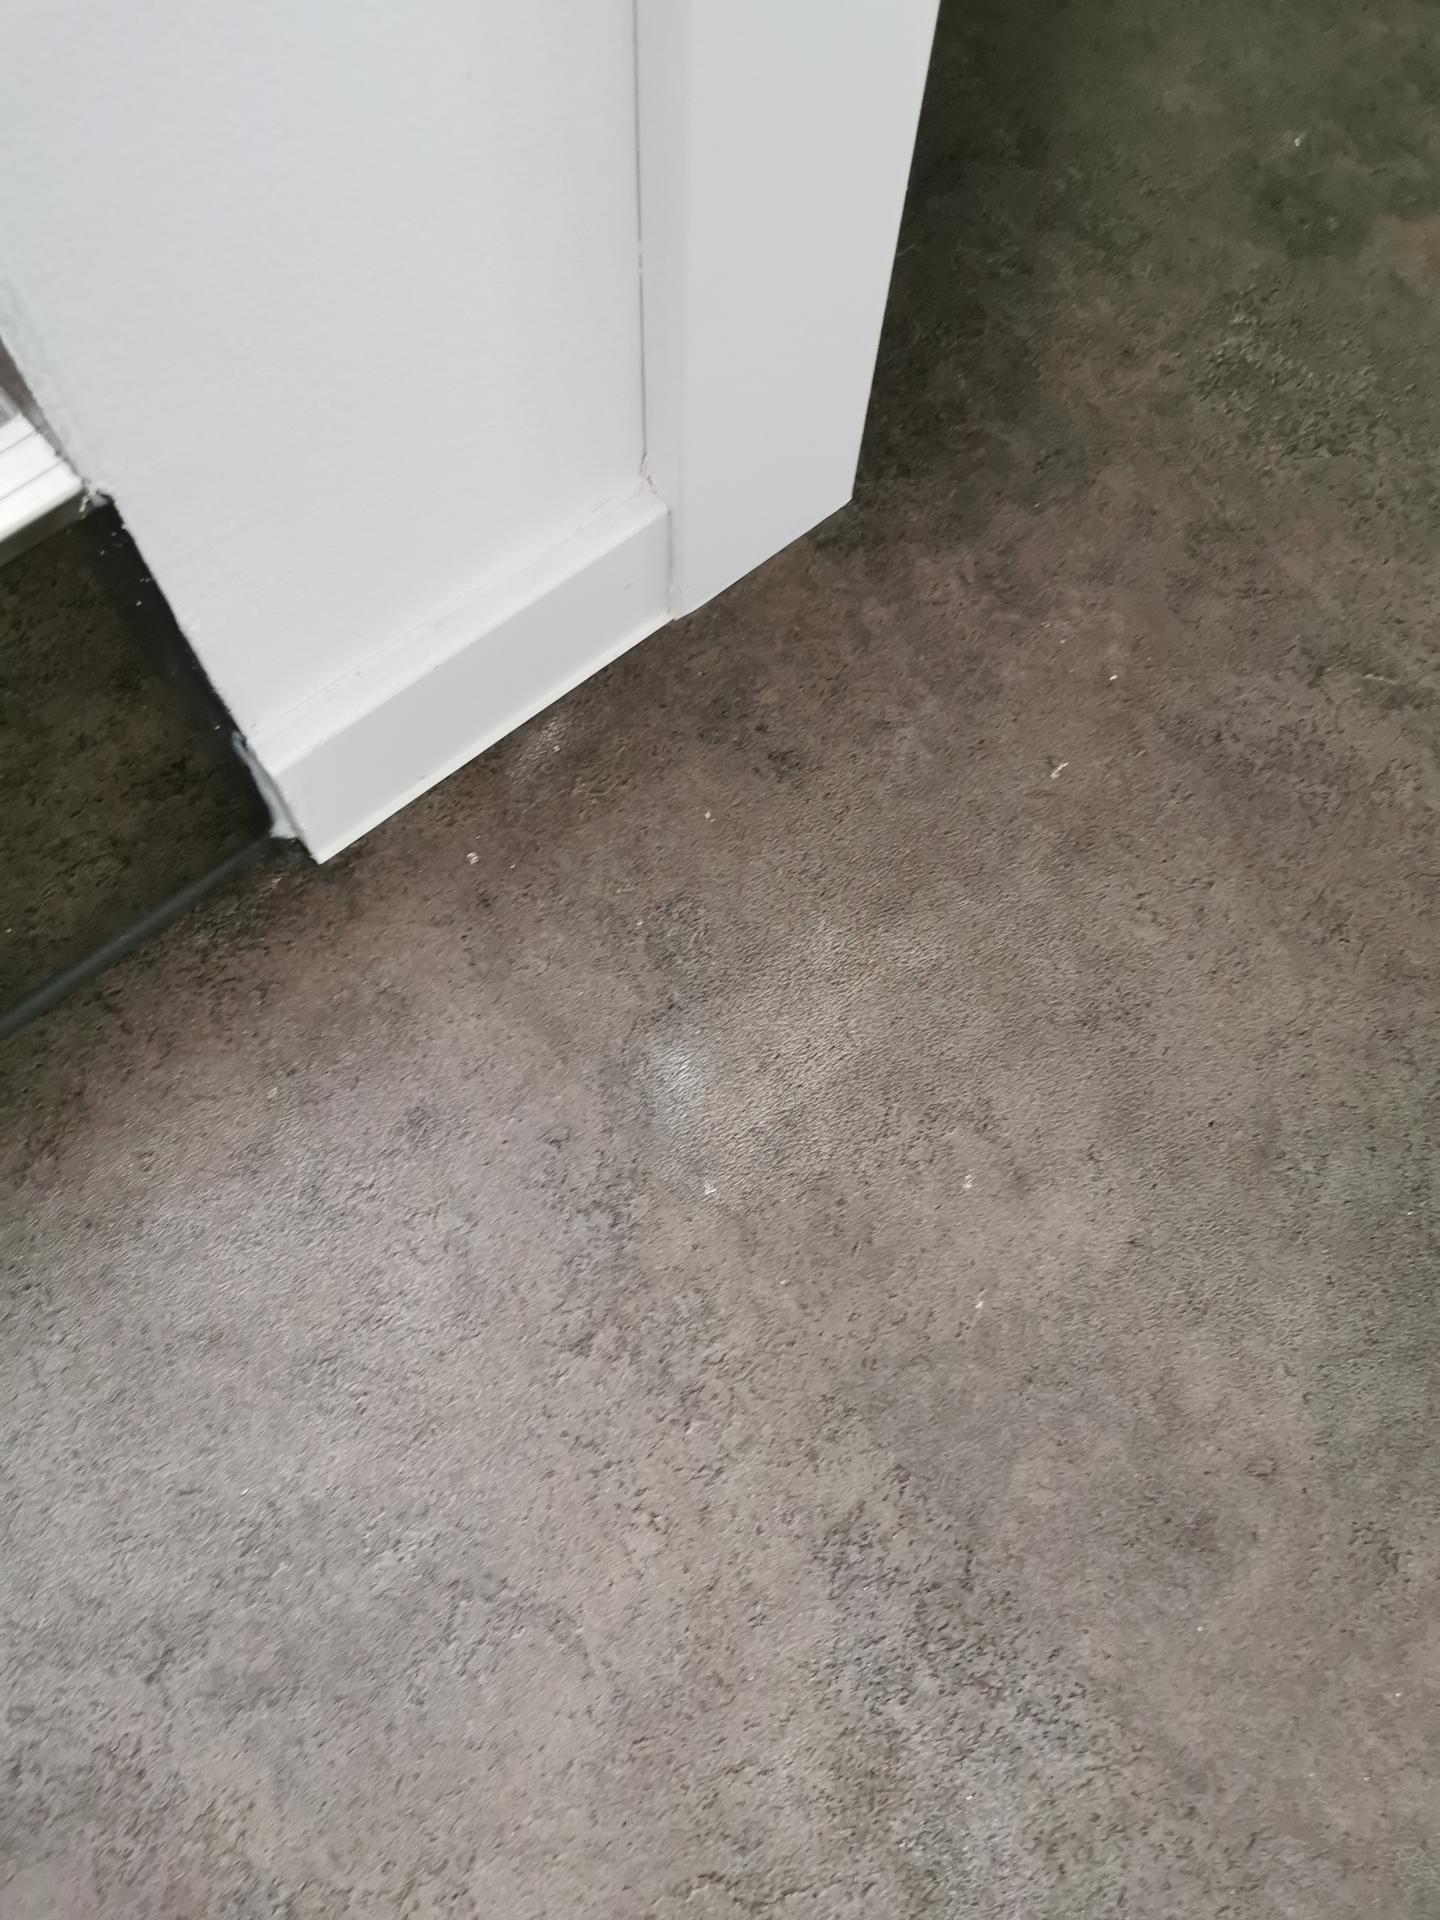 Máte prosím někdo zkušenost s čištěním vinilu od barvy na zeď? Po malování tu jsou různě čmouhy, na fotce je to špatně vidět, a díky tomu, že ta podlaha má hrubý povrch, tak to nejde vyčistit. Je to jakoby zažrané v té prohlubni vzoru. Nerada bych nějakým hrubším čištěním zničila i podlahu. Děkuji za rady. - Obrázek č. 2